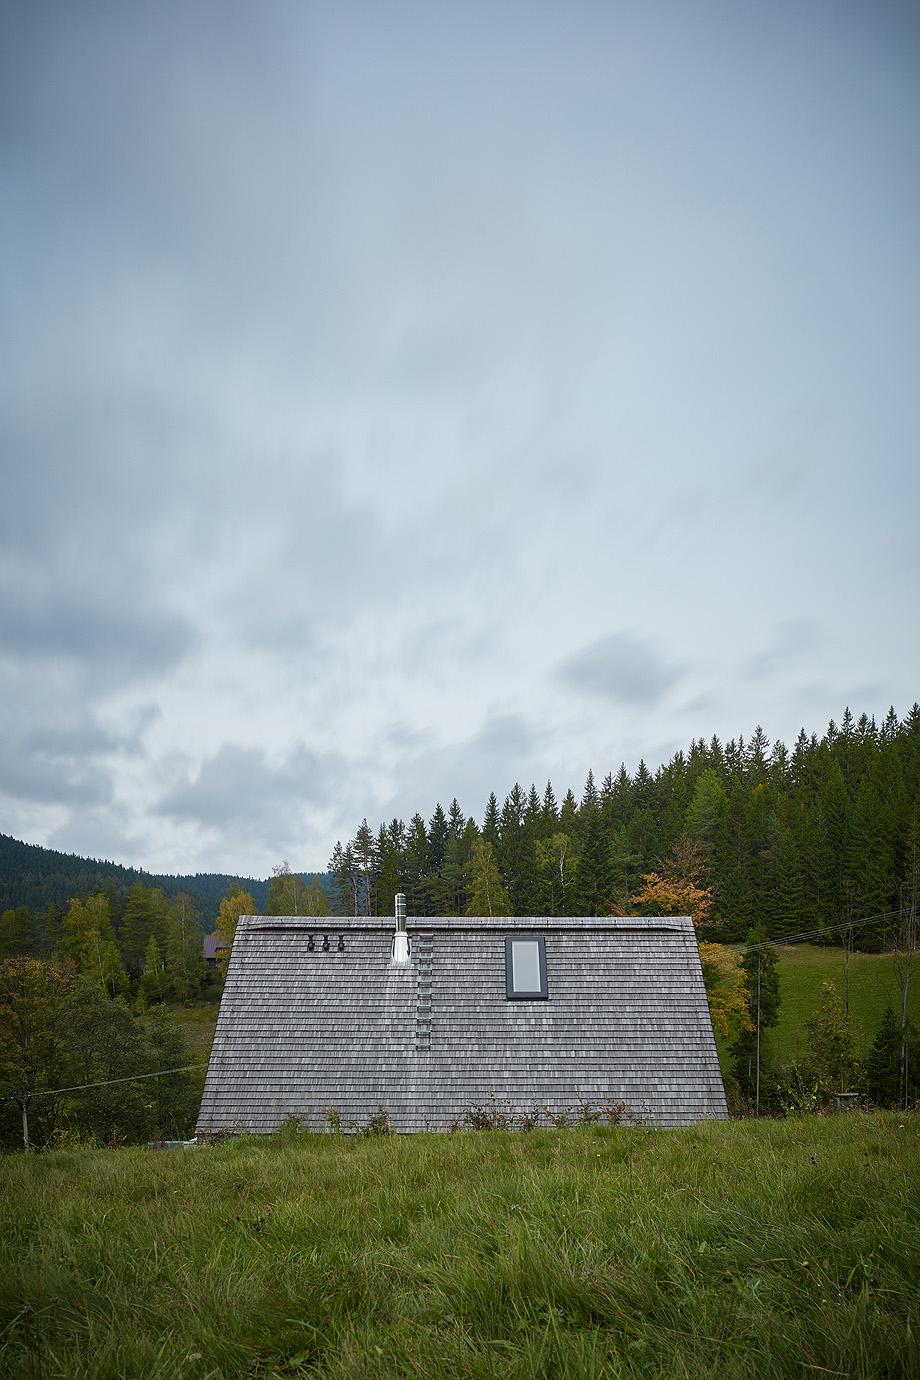 casa en las montañas beskydy de pavel micek - foto boysplaynice (13)